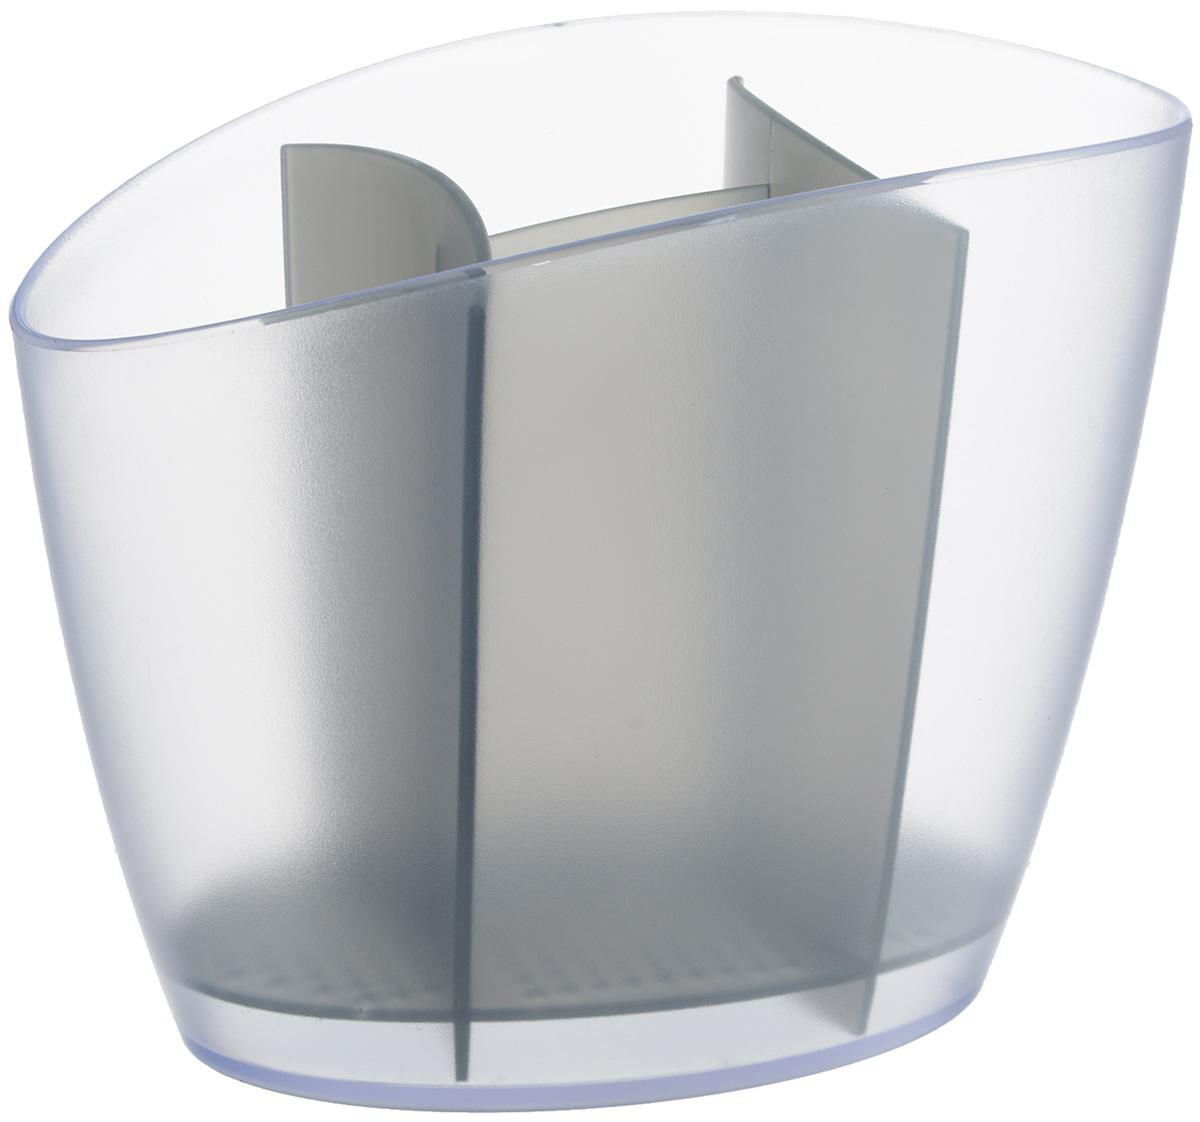 Сушилка для столовых приборов Tescoma Clean Kit, цвет: серый, 19,5 х 11 х 15,5 см900640.43Сушилка Tescoma Clean Kit, выполненная из высококачественного пластика, прекрасно подходит для столовых приборов. Для легкости очищения снабжена вынимающейся подставкой для стока воды. Изделие хорошо впишется в интерьер, не займет много места, а столовые приборы будут всегда под рукой. Можно мыть в посудомоечной машине. Размер изделия: 19,5 х 11 х 15,5 см.